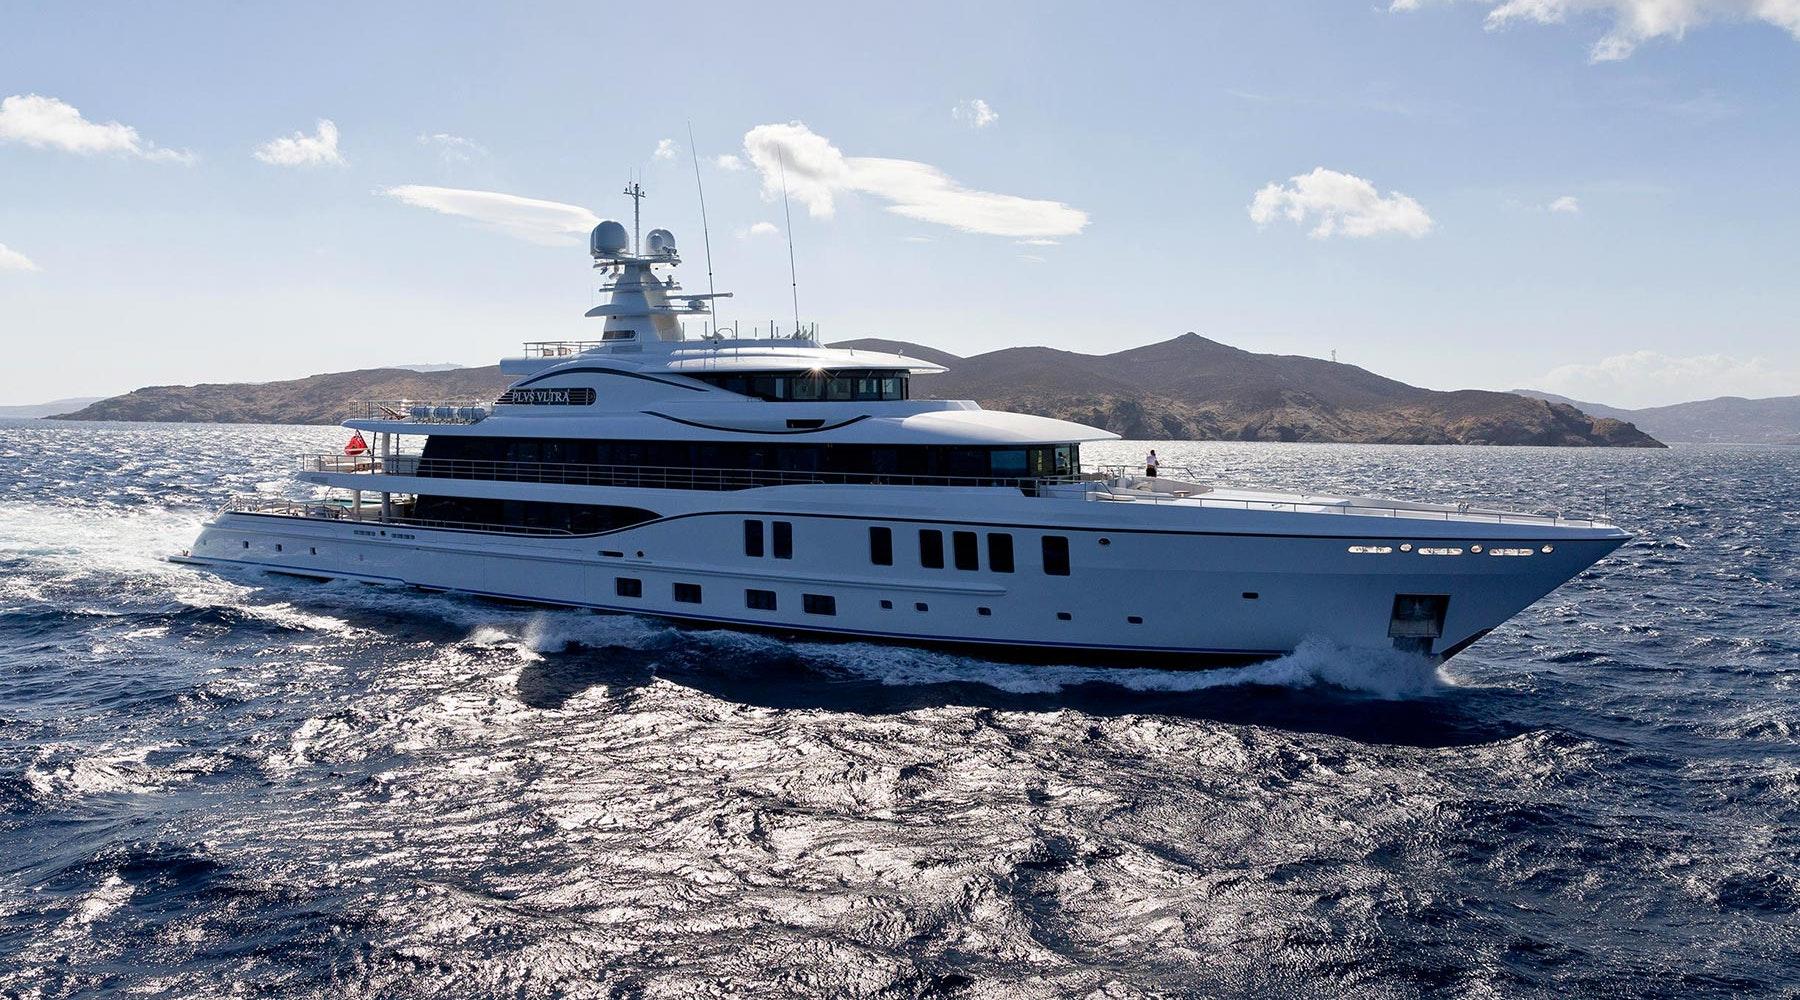 Redna Yachts Plvs-1